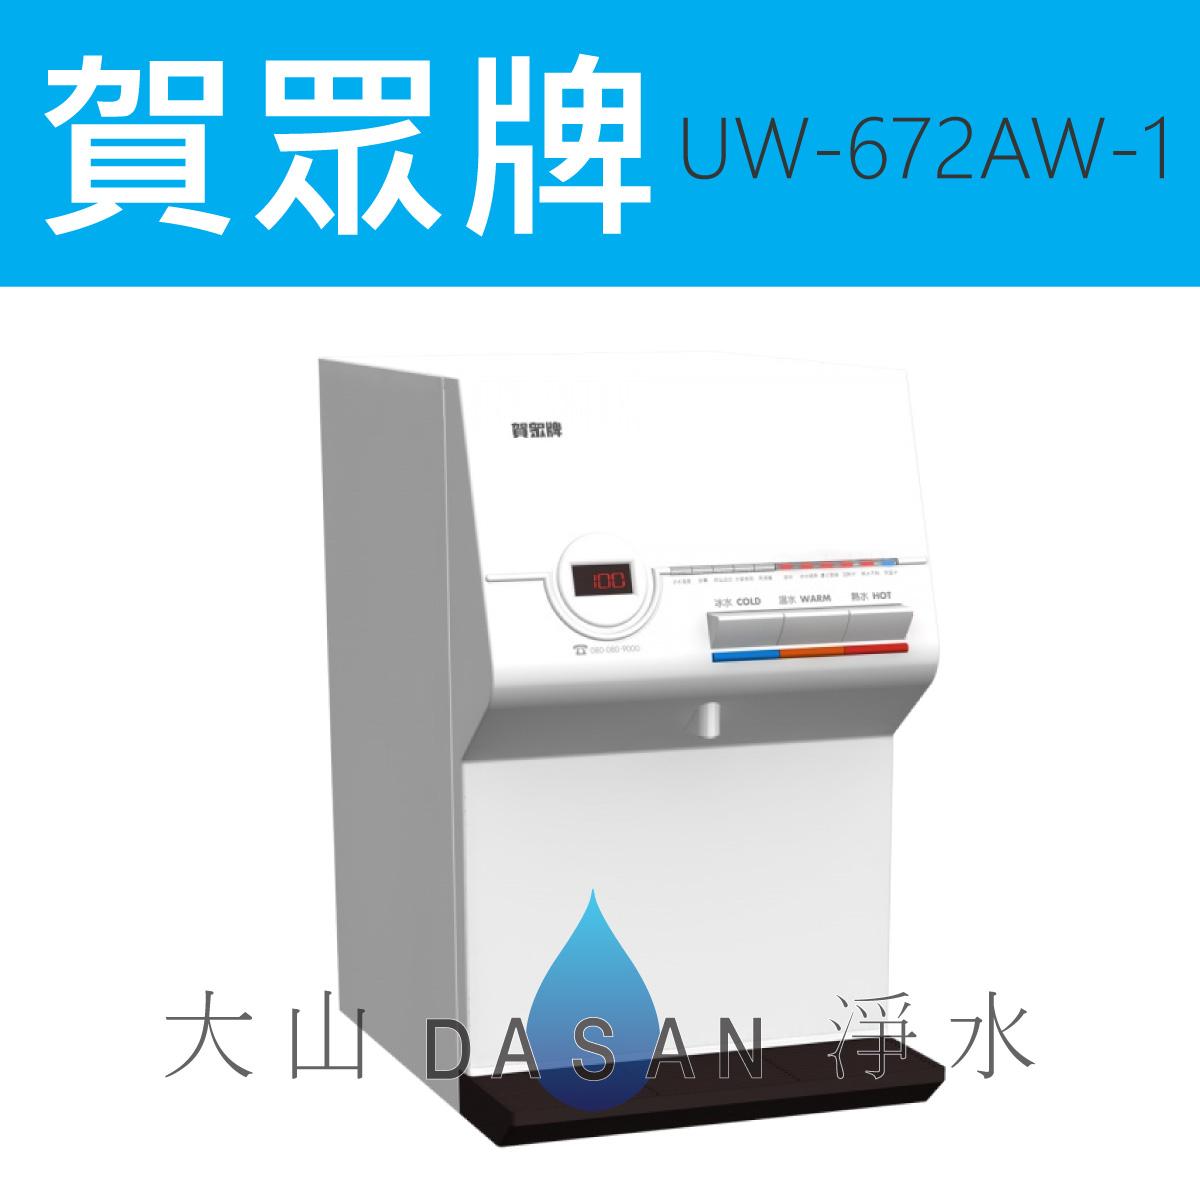 贈超商禮卷專業安裝賀眾牌UW-672AW-1智能型微電腦桌上型飲水機冰溫熱需另購淨水器